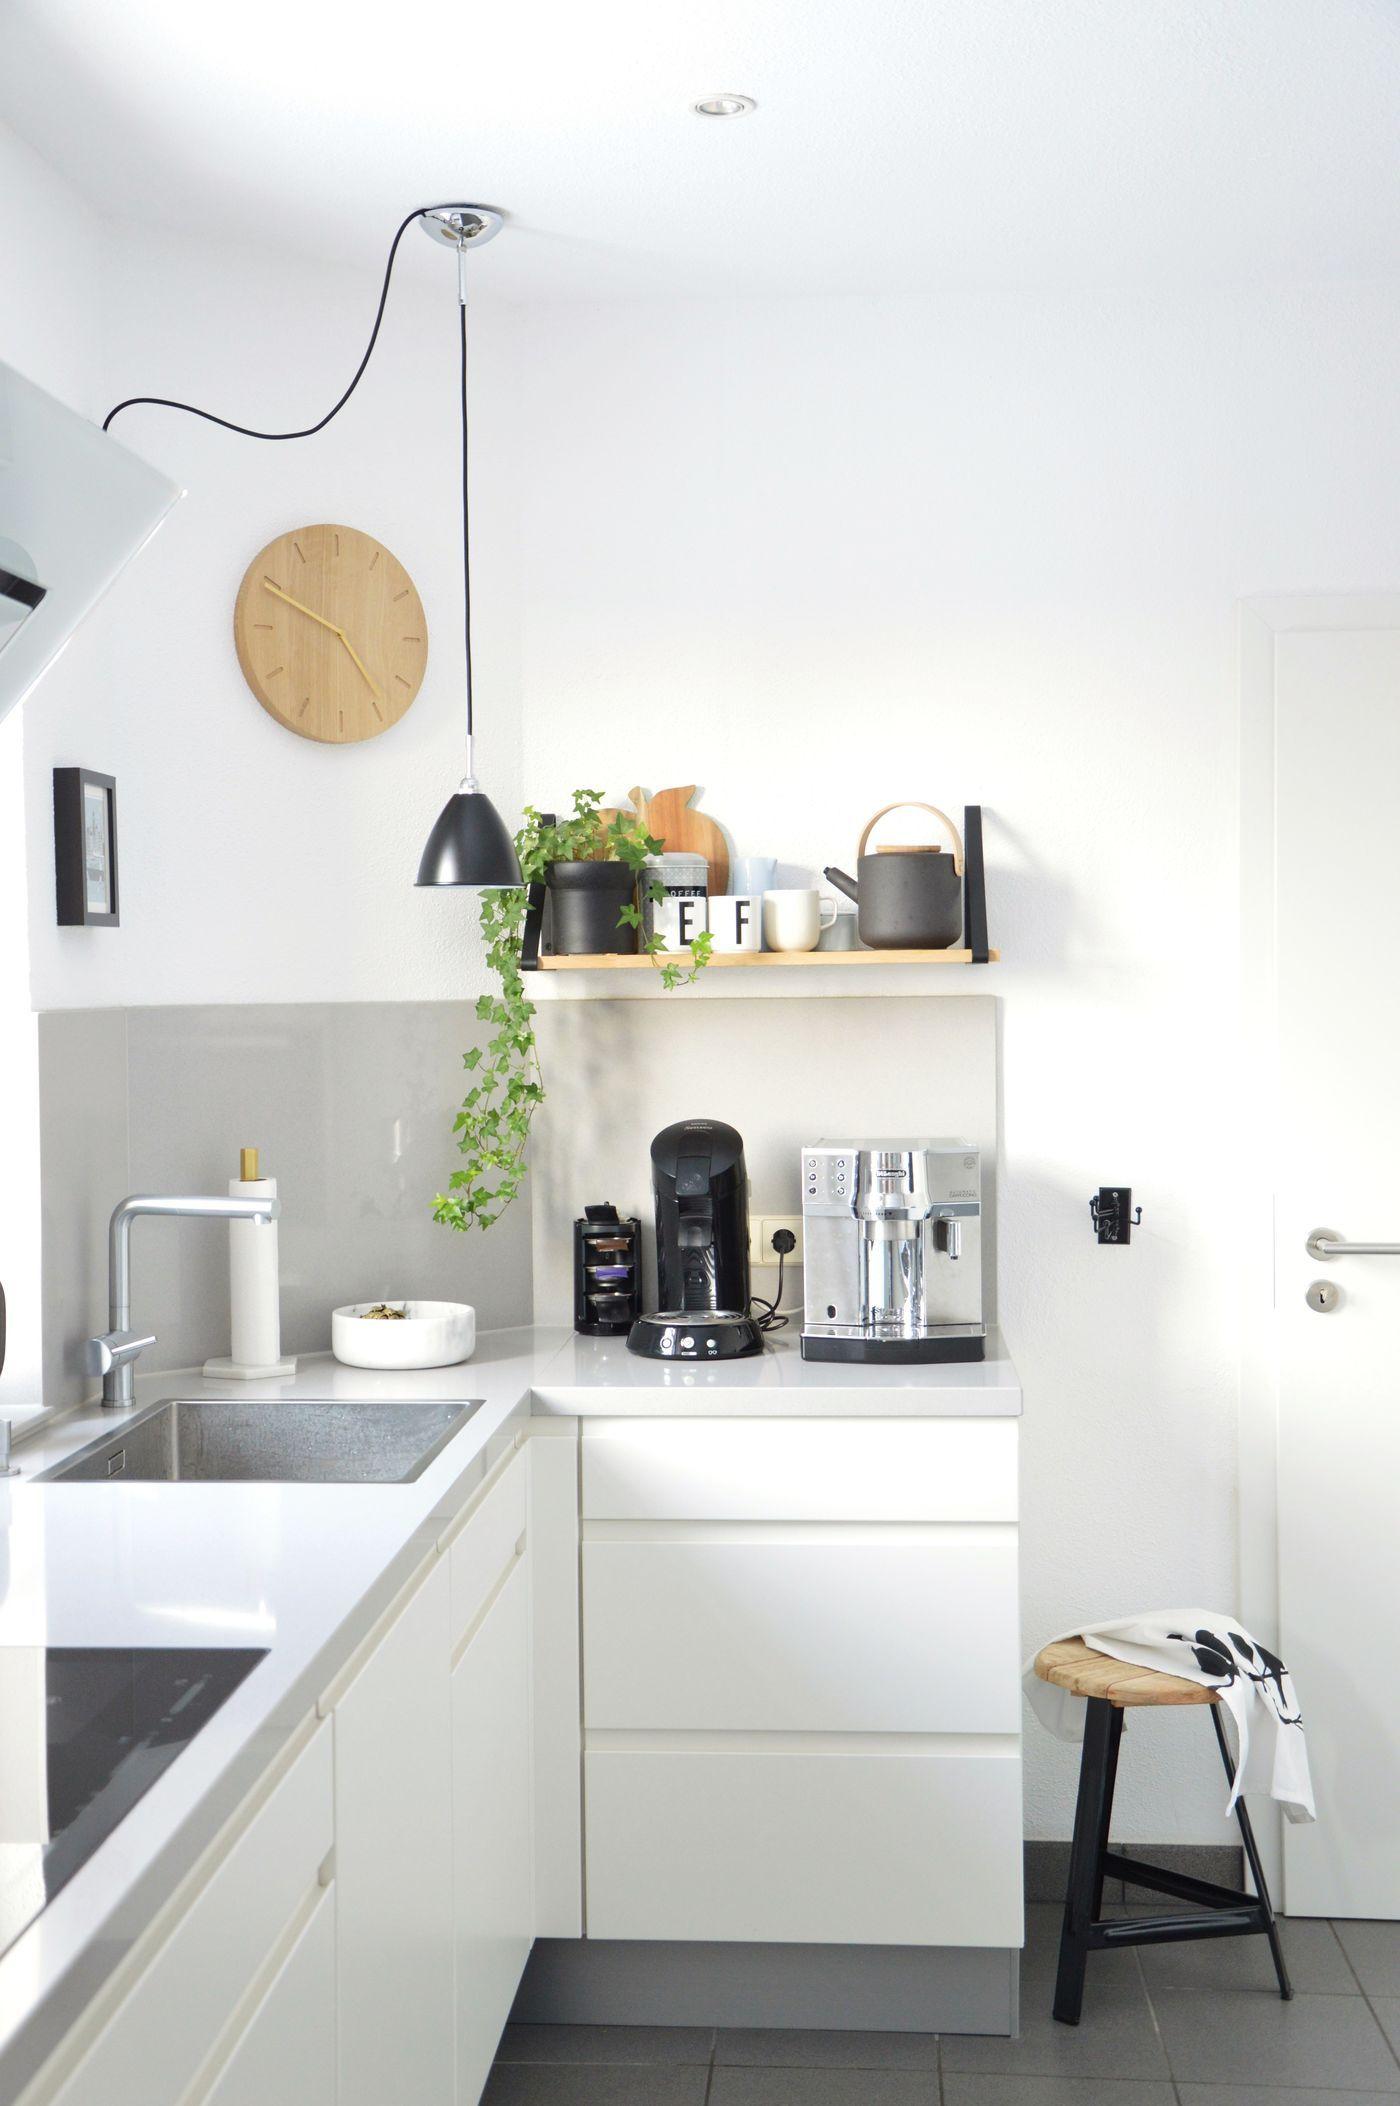 Full Size of Küche Aufbewahrung Betten Mit Aufbewahrungsbox Garten Aufbewahrungsbehälter Aufbewahrungssystem Bett Wohnzimmer Aufbewahrung Küchenutensilien